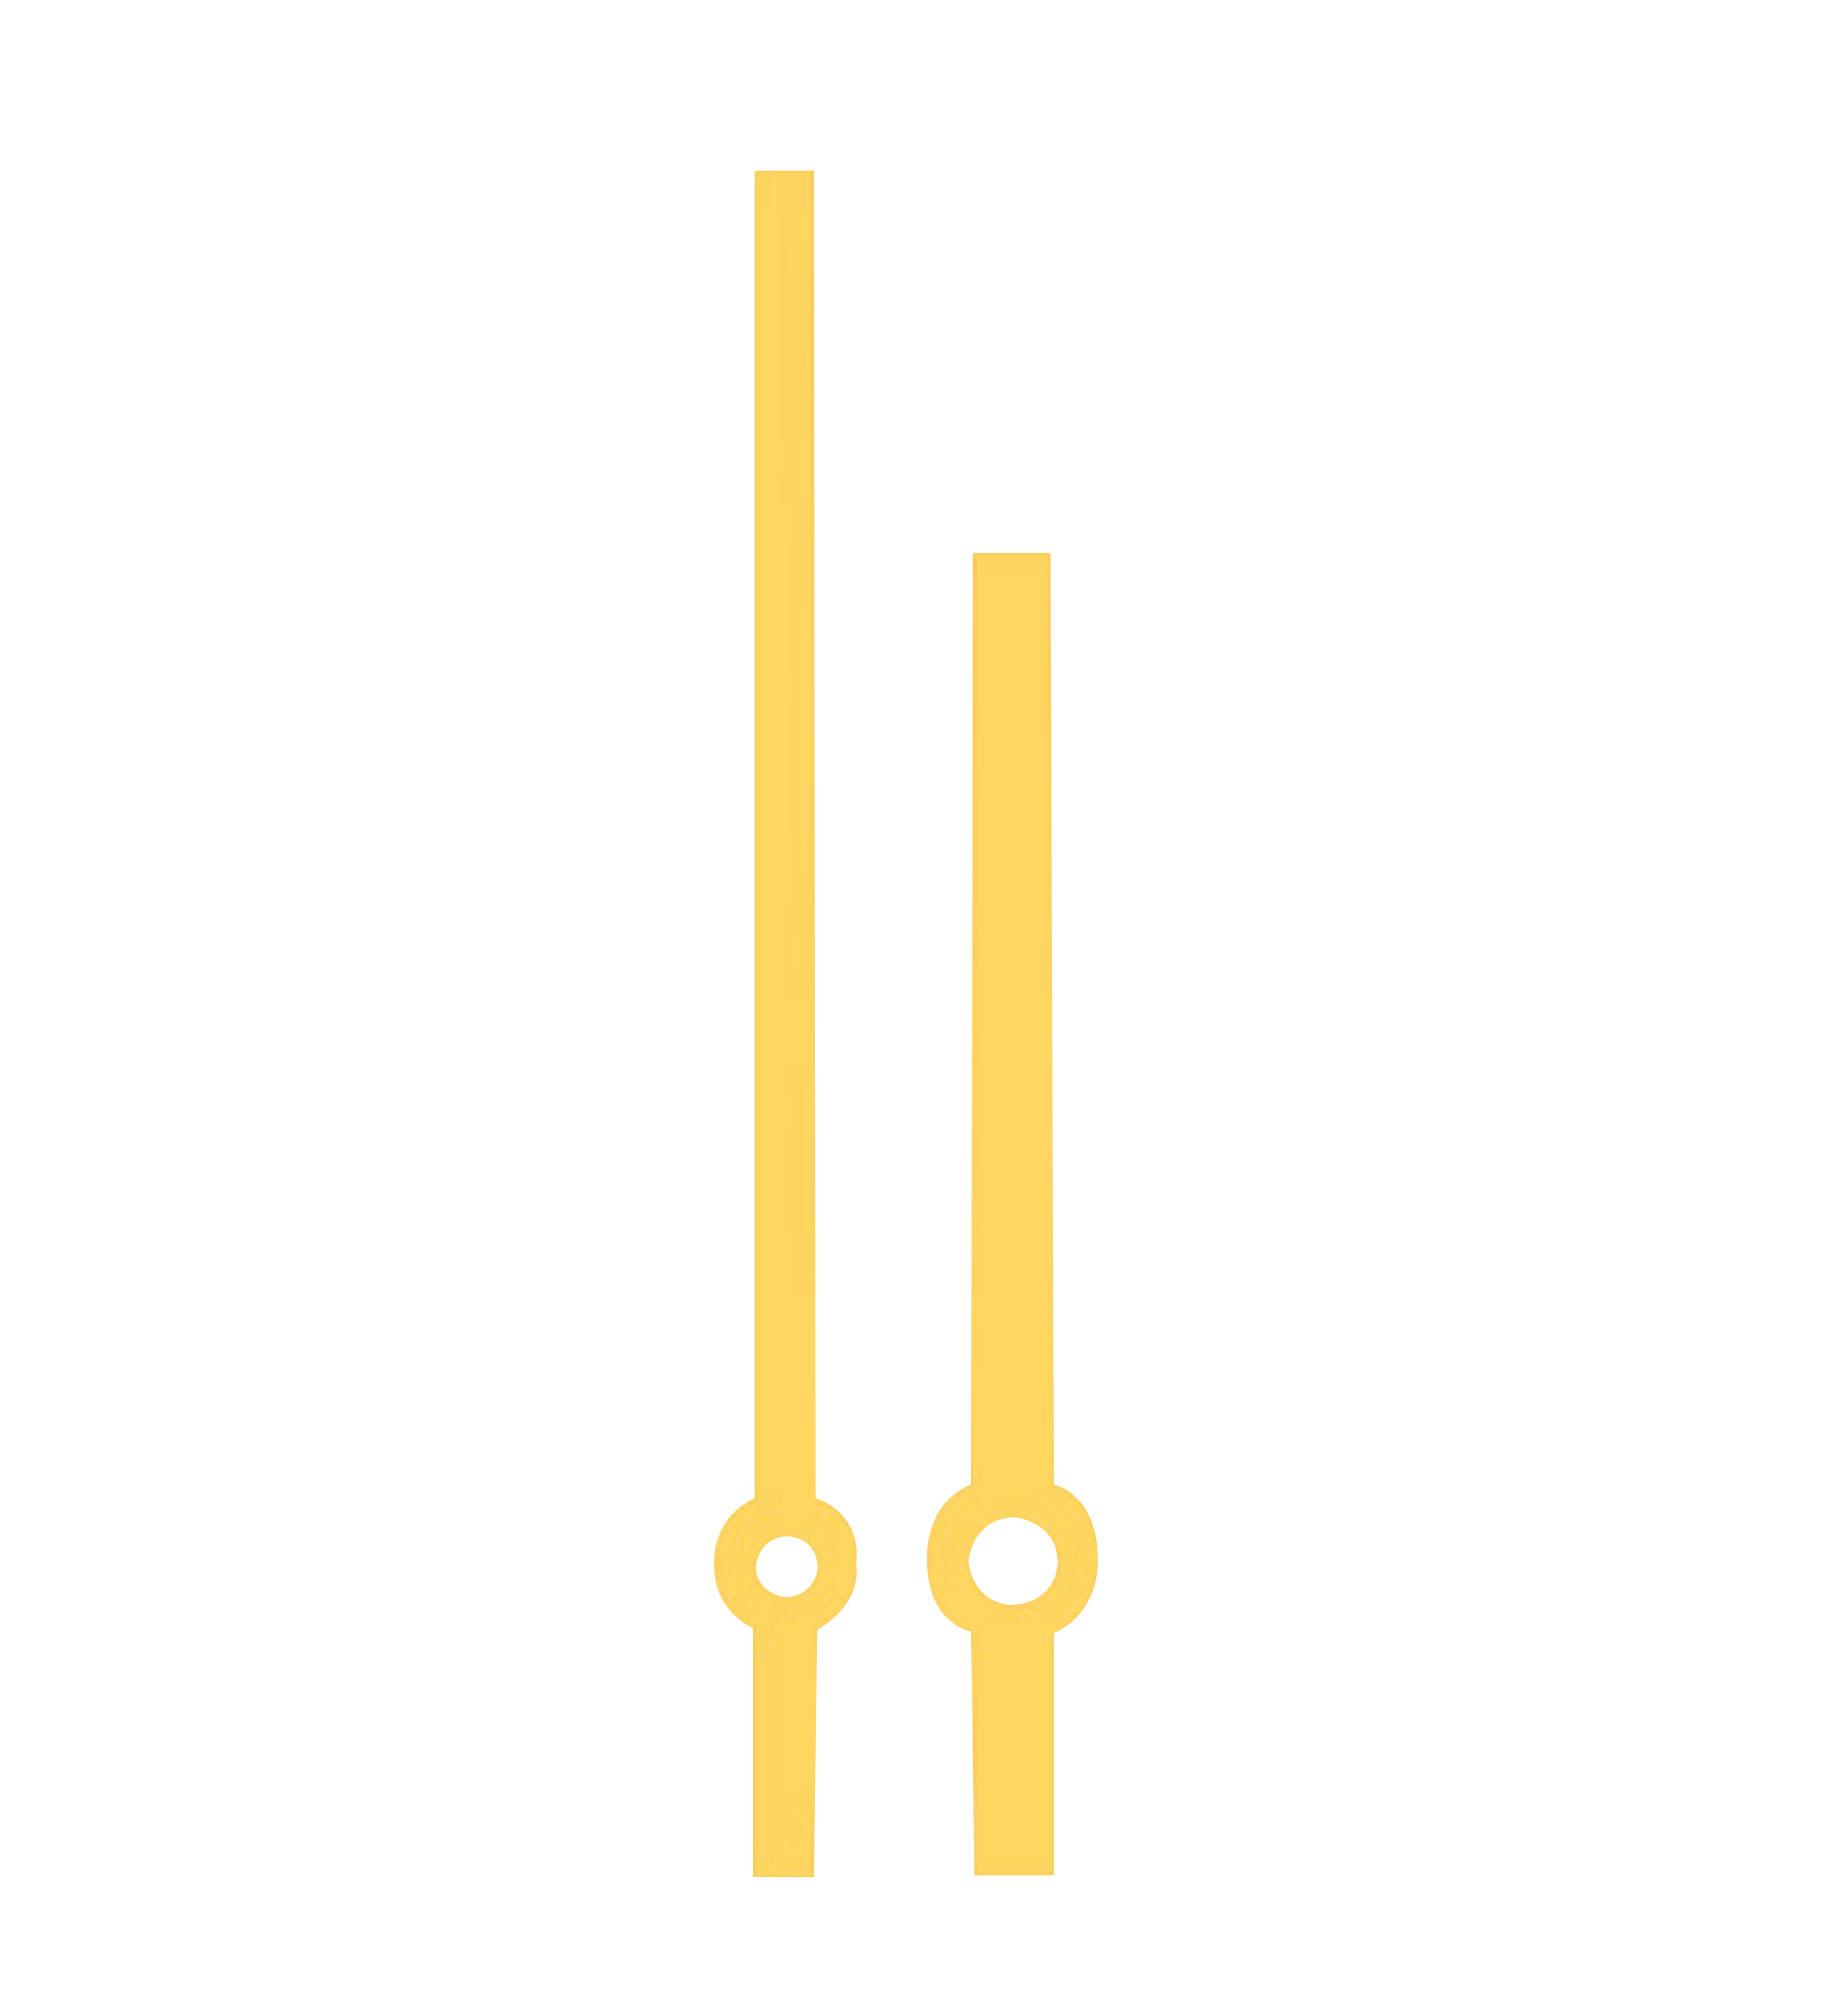 Wijzerpaar Euronorm balkvormig chroom minutenwijzer-L:87 mm